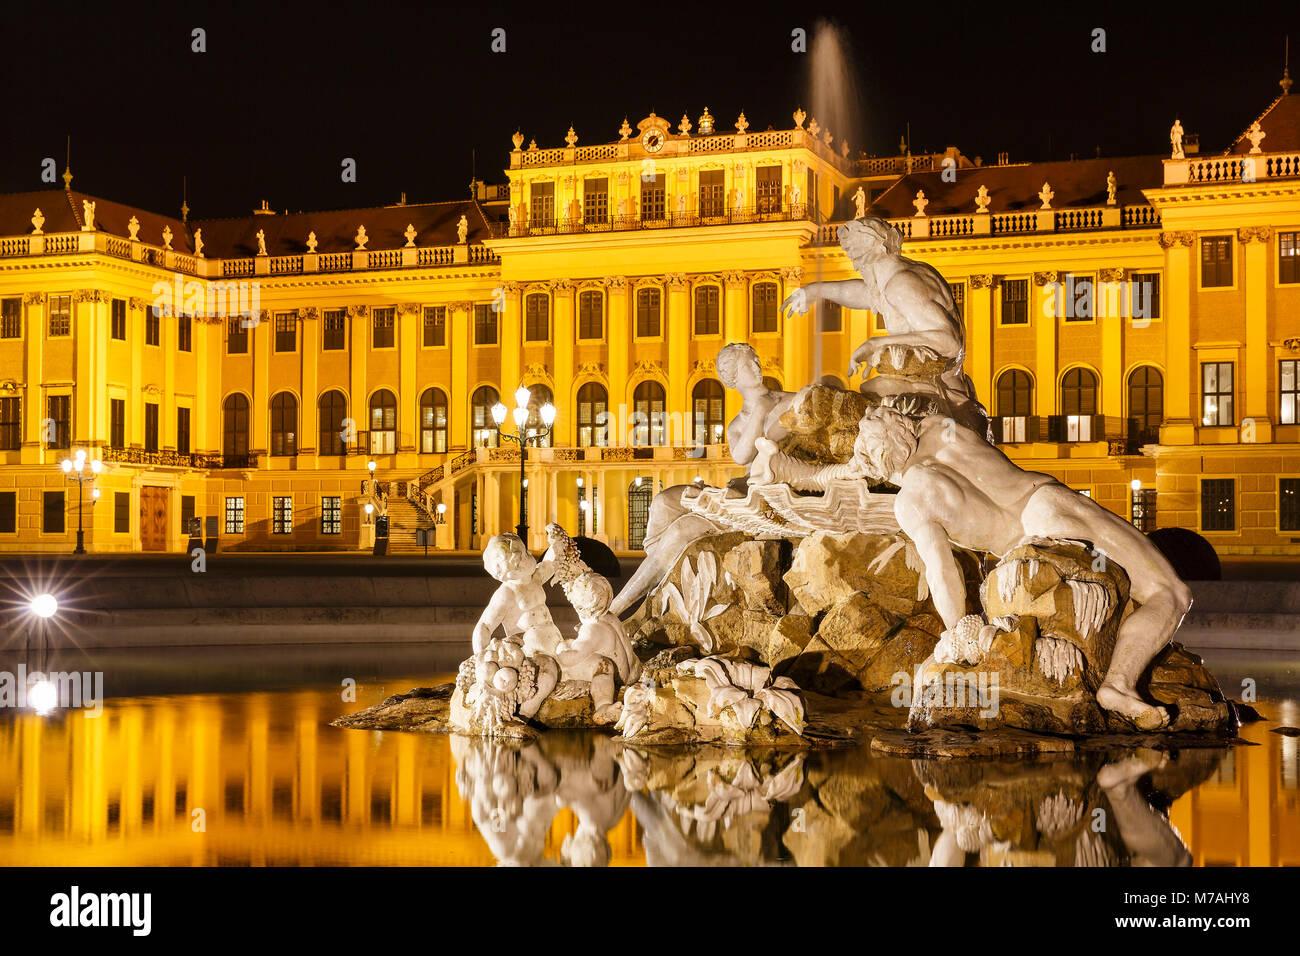 Nacht der Fotografie mit Spiegelbild im Brunnen auf dem Vorplatz des Schlosses Schönbrunn in Wien Stockbild